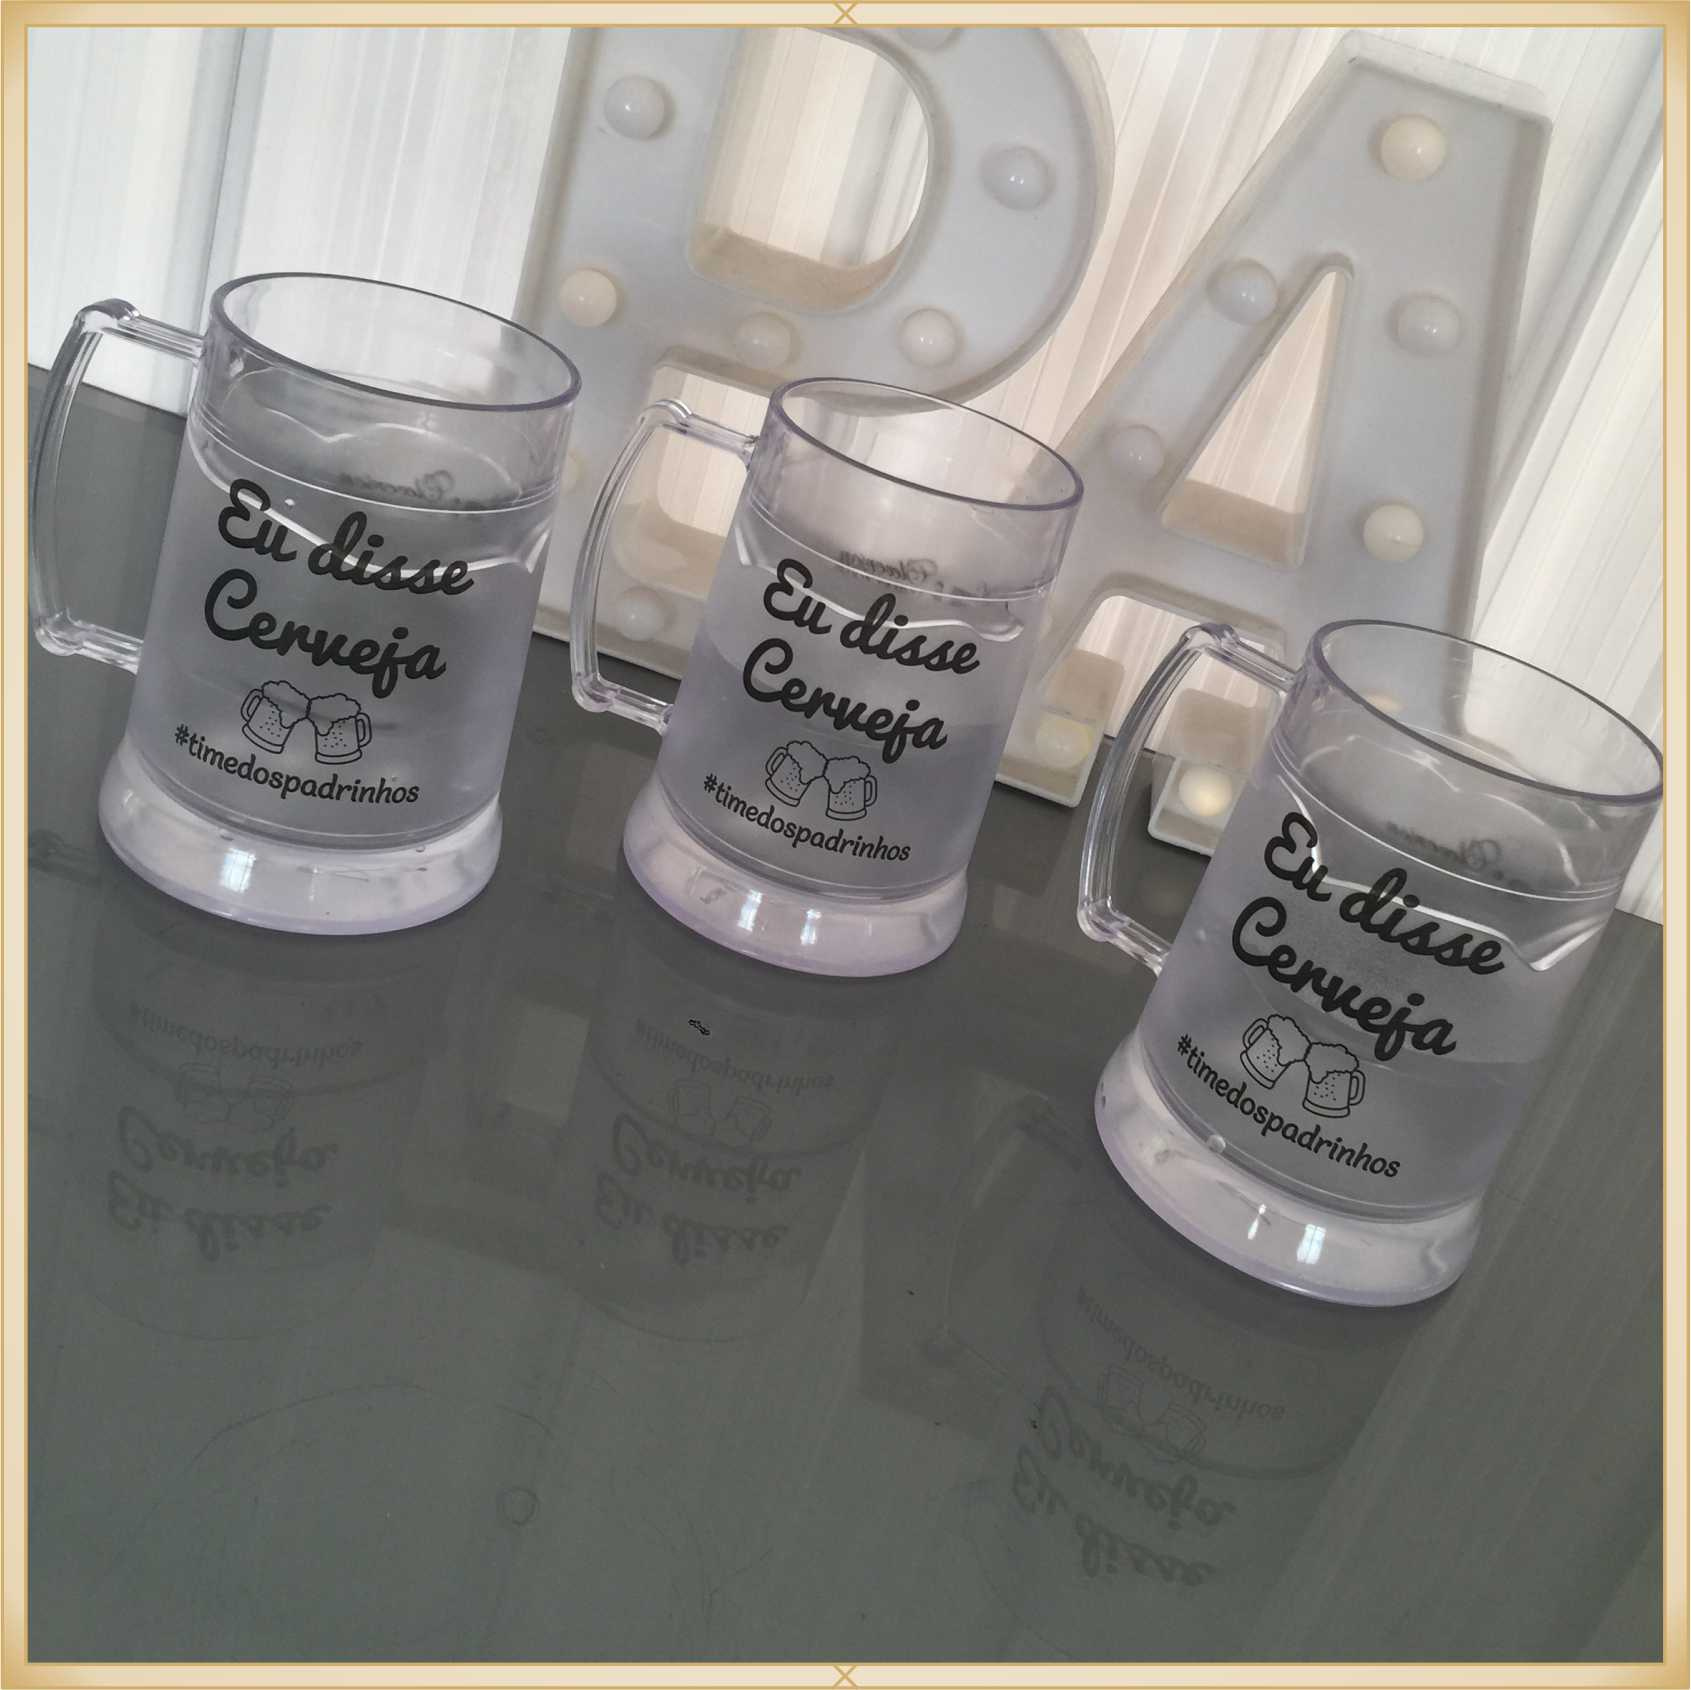 Caneca de gel personalizada padrinhos Casamento - acrílico de qualidade, ótimo acabamento, sistema de congelamento, parede dupla, 340 ml.